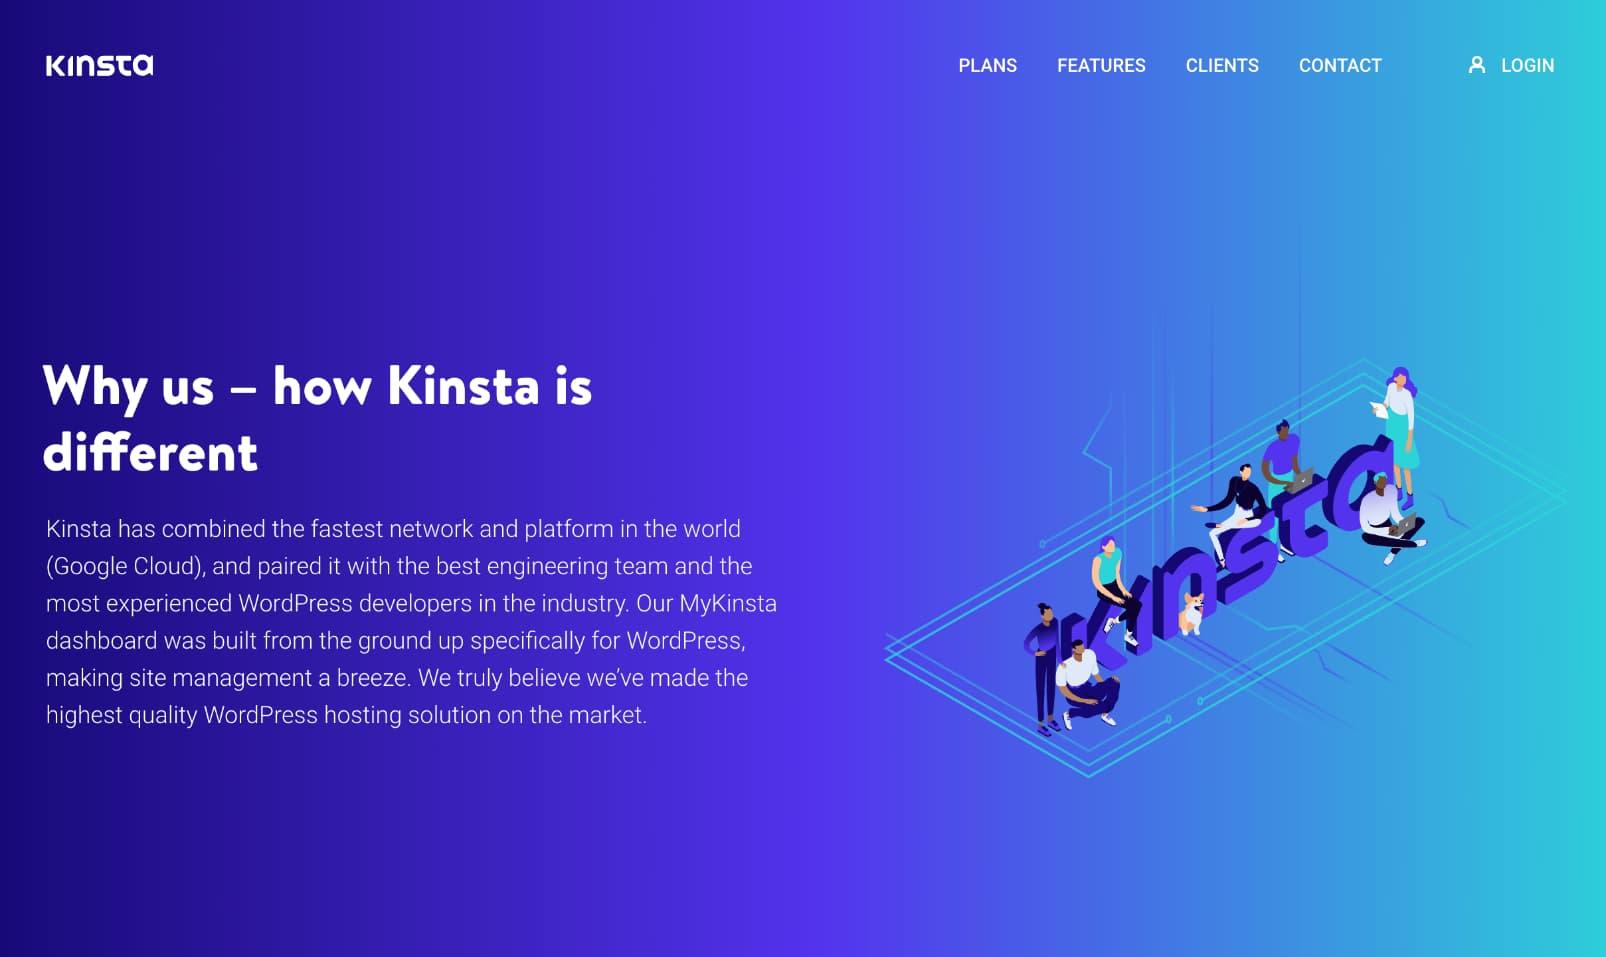 En quoi Kinsta est différent